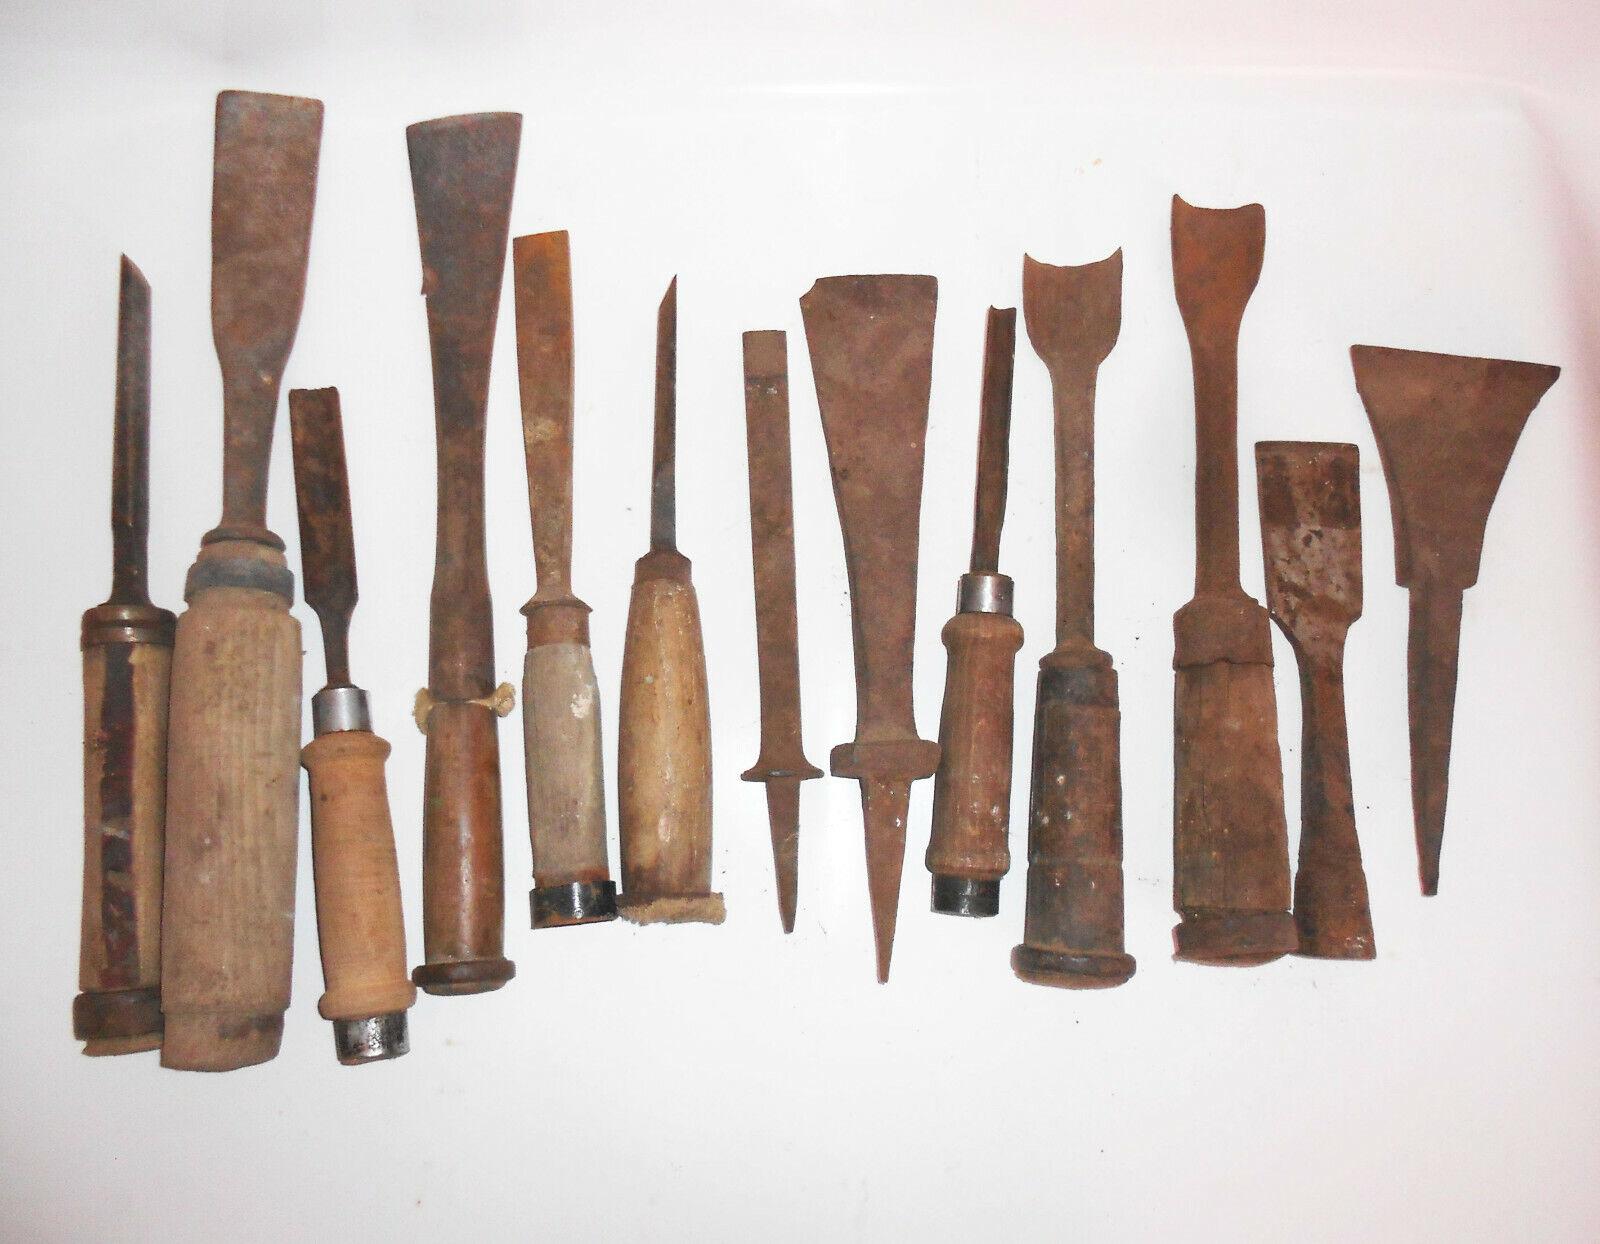 Konvolut alte Stechbeitel, Stemmeisen, Zimmermann, Schreiner, Werkzeug 65 Teile